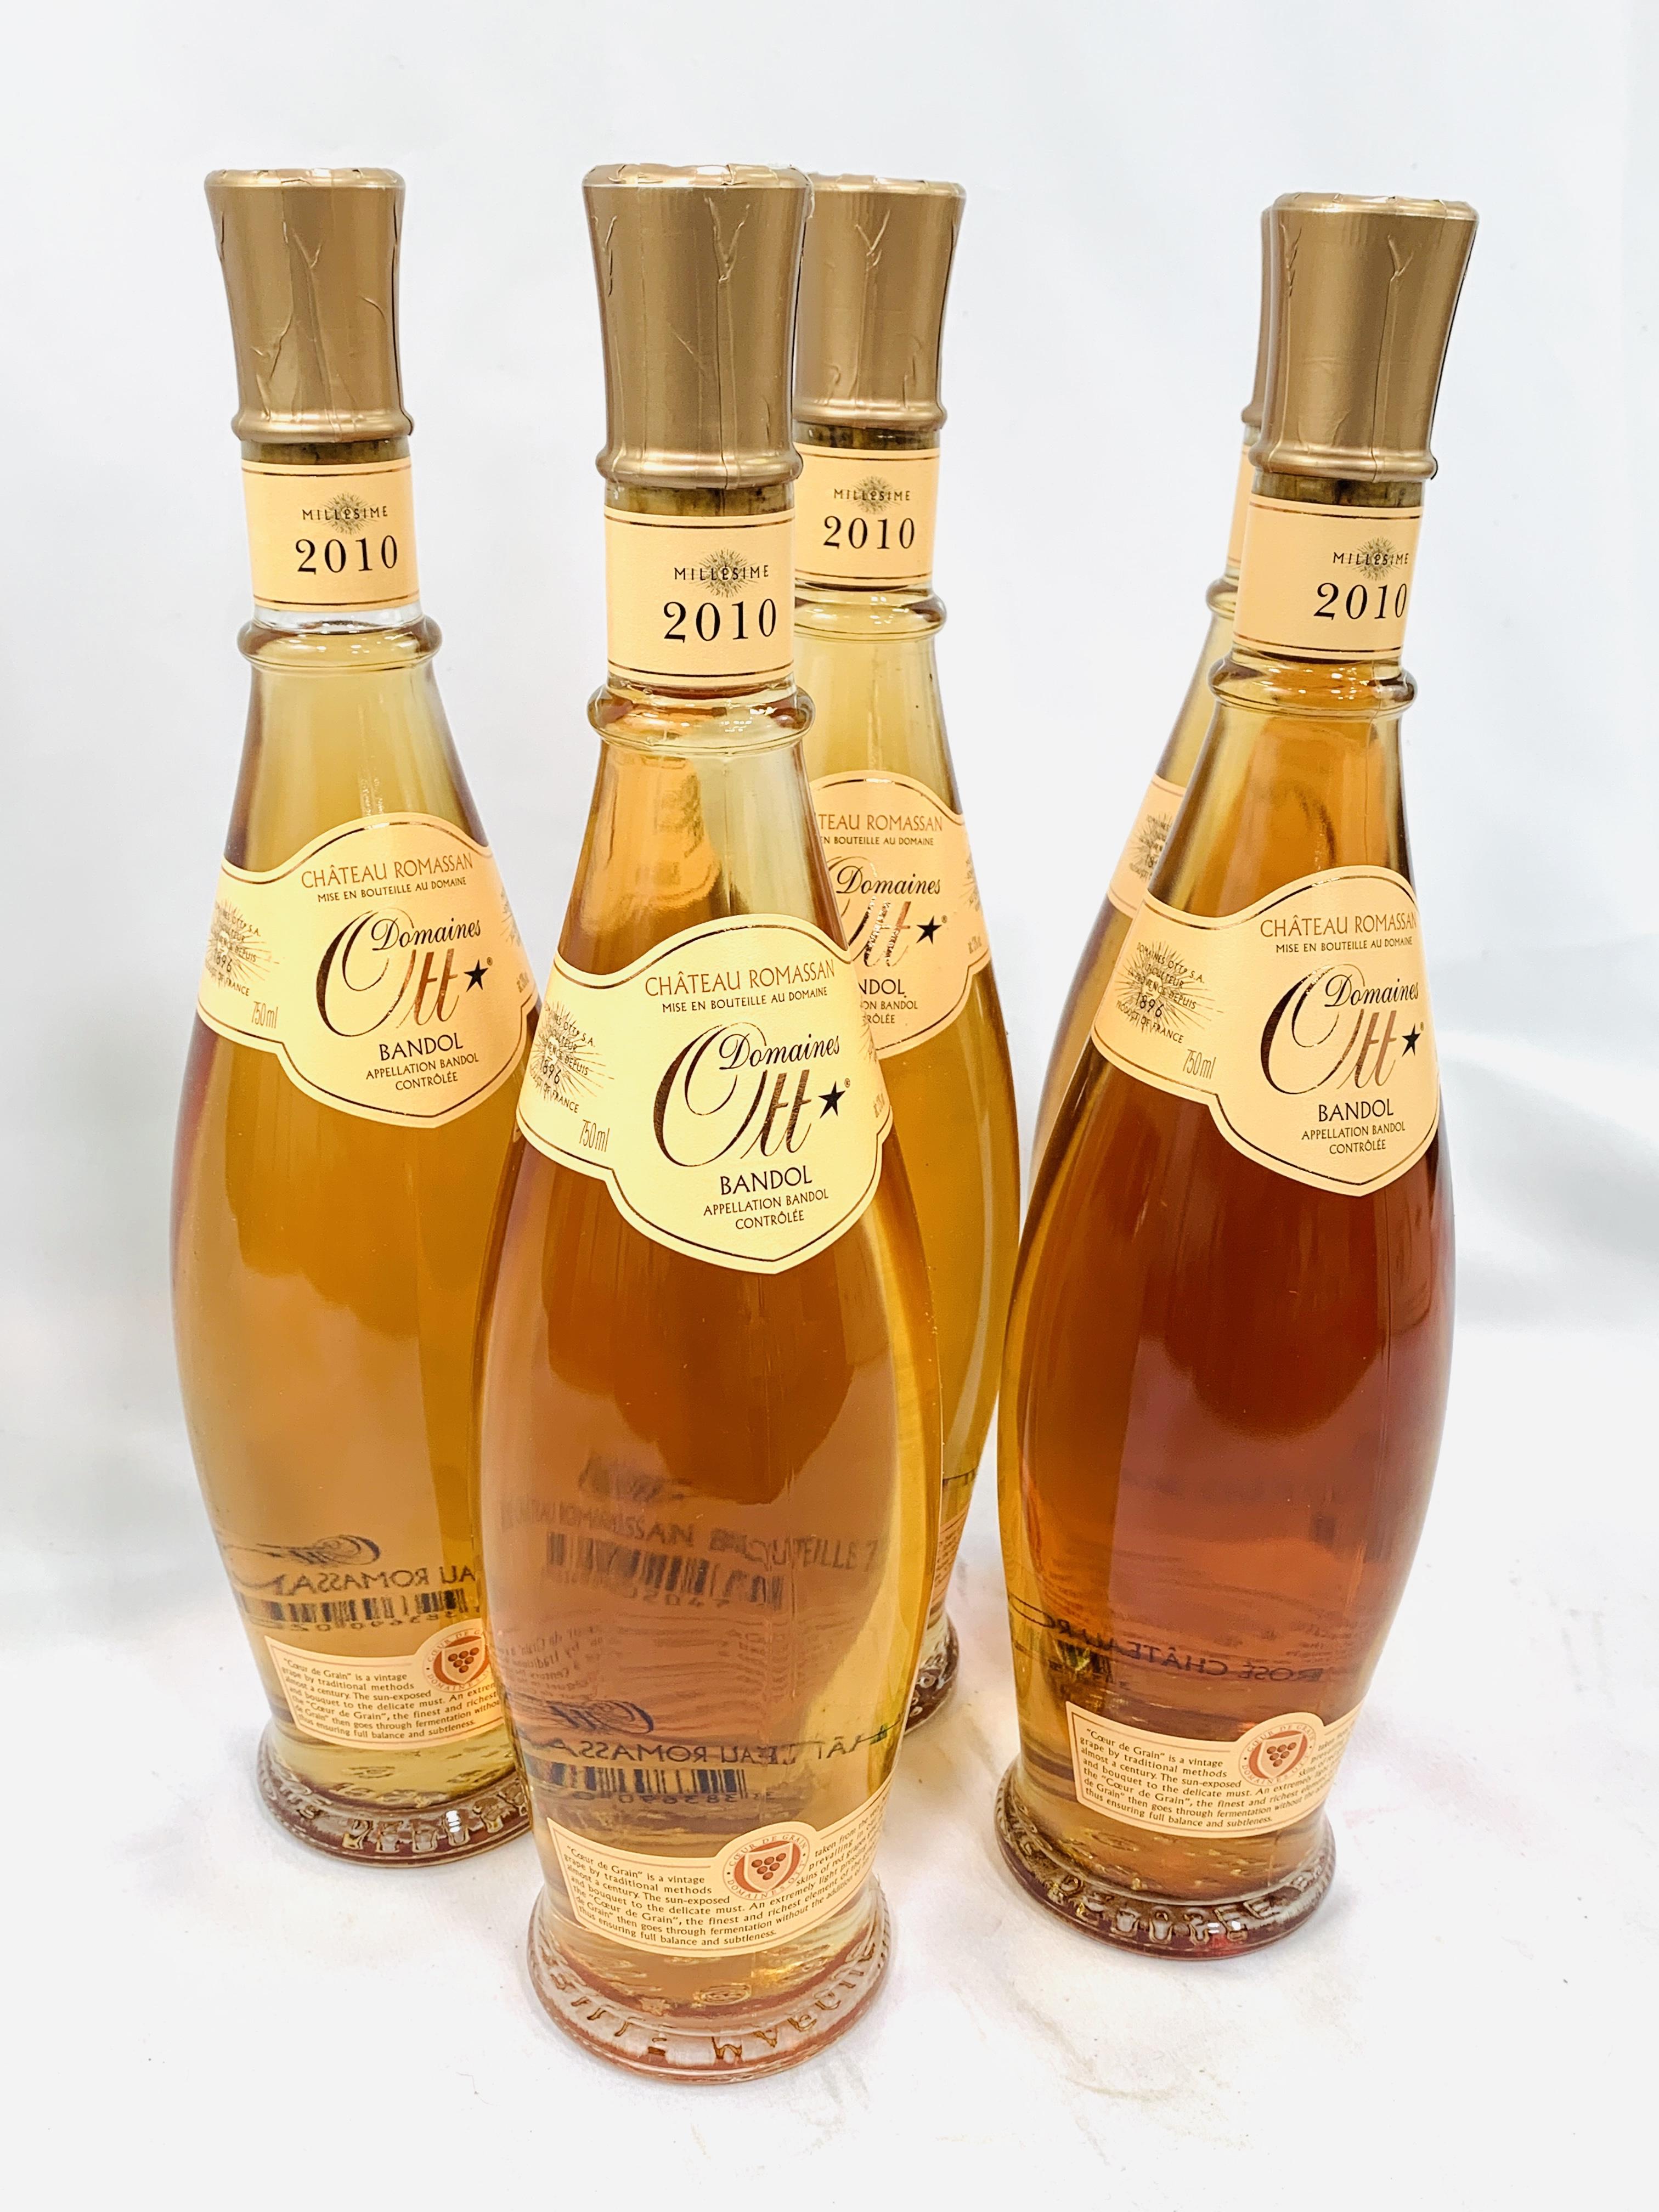 Five 75cl bottles 2010 Domaines Ott Château Romassan Bandol rosé - Image 3 of 3